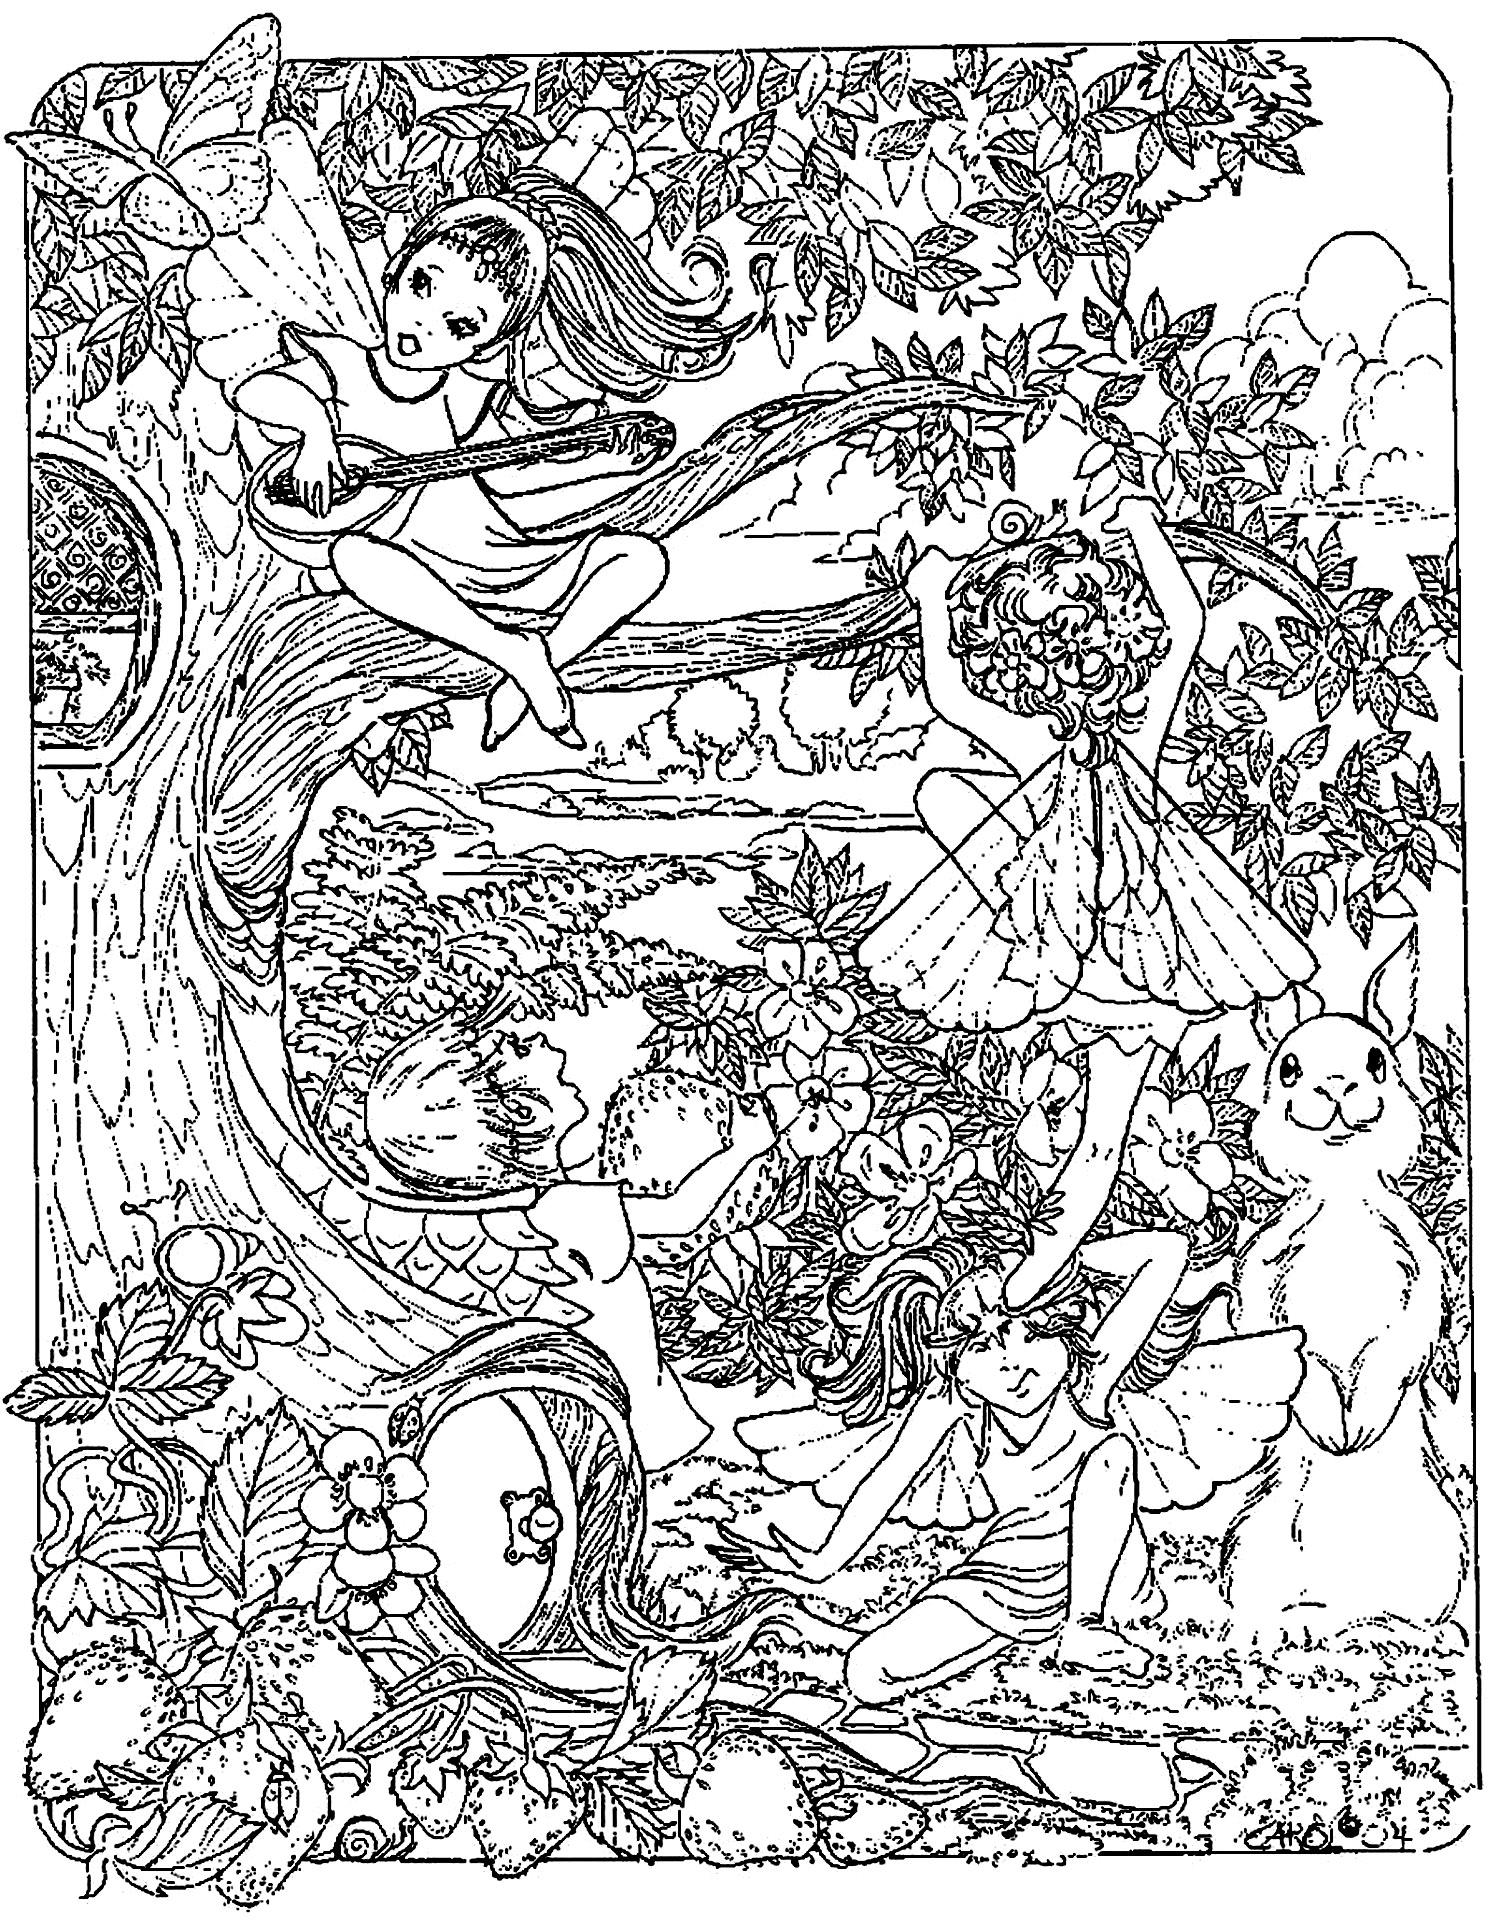 Mythen legenden 18825